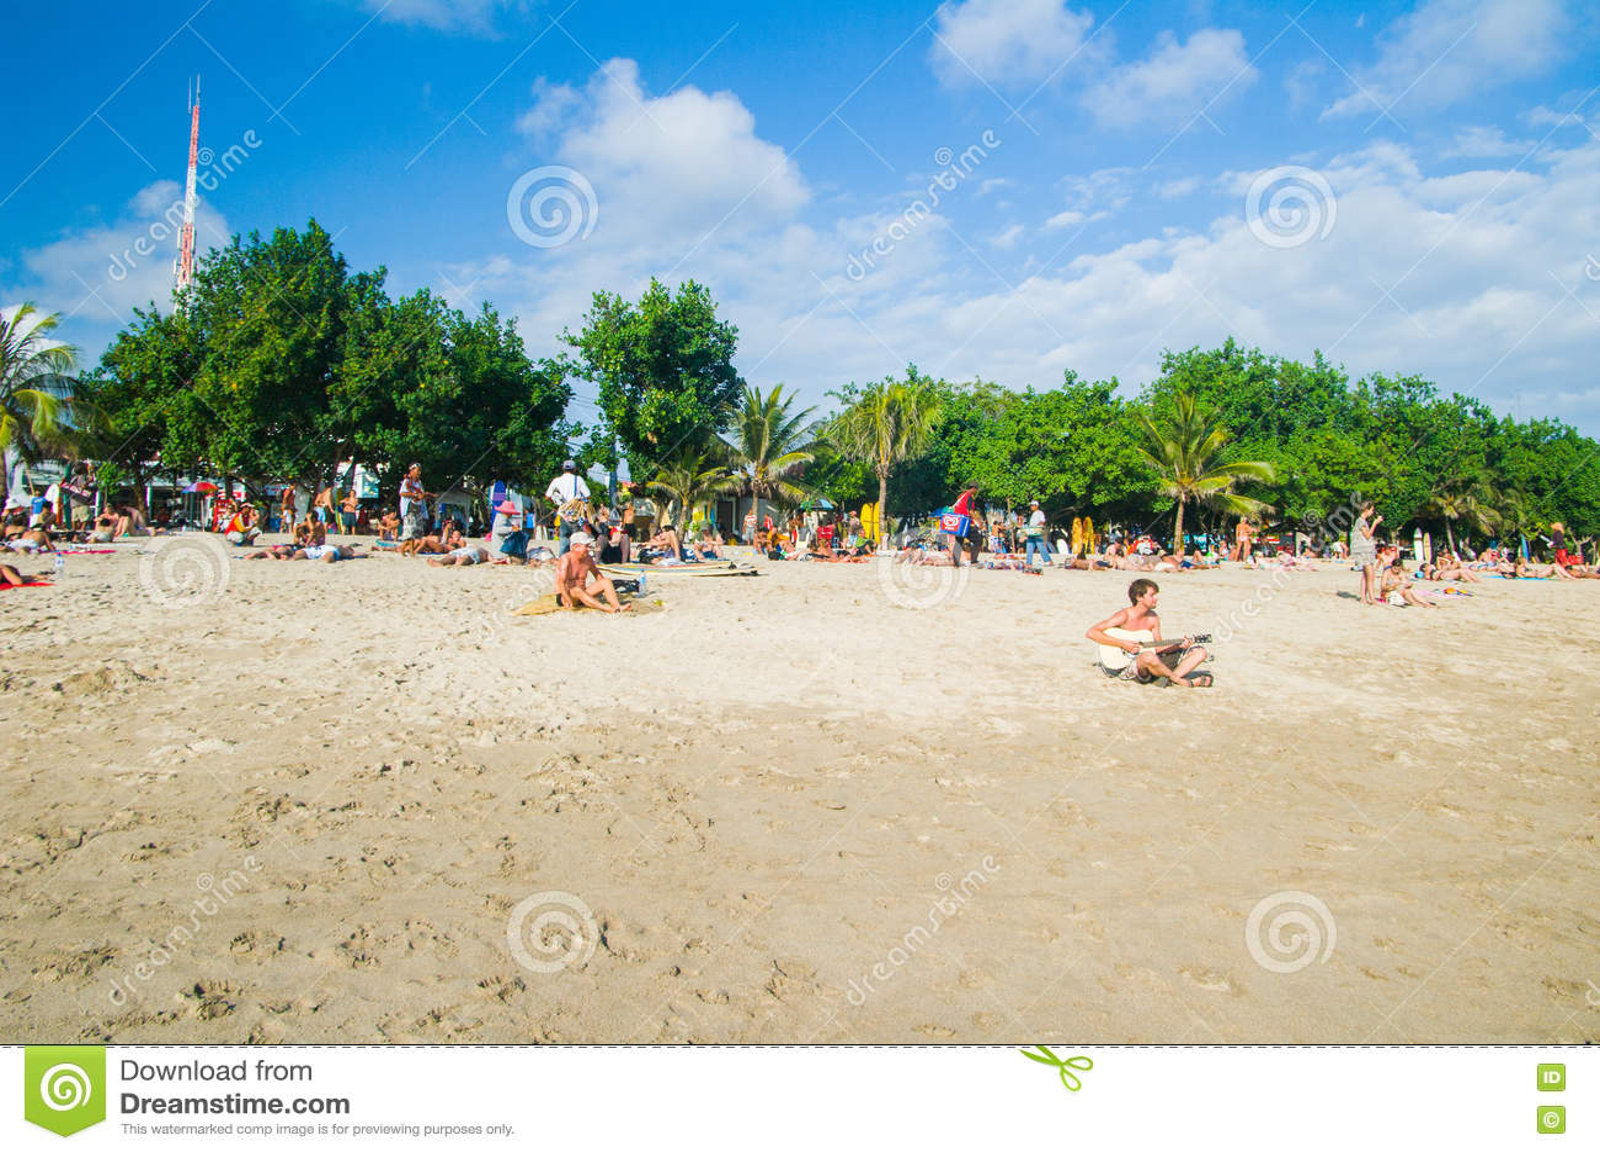 库塔海滩,巴厘岛,印度尼西亚,东南亚